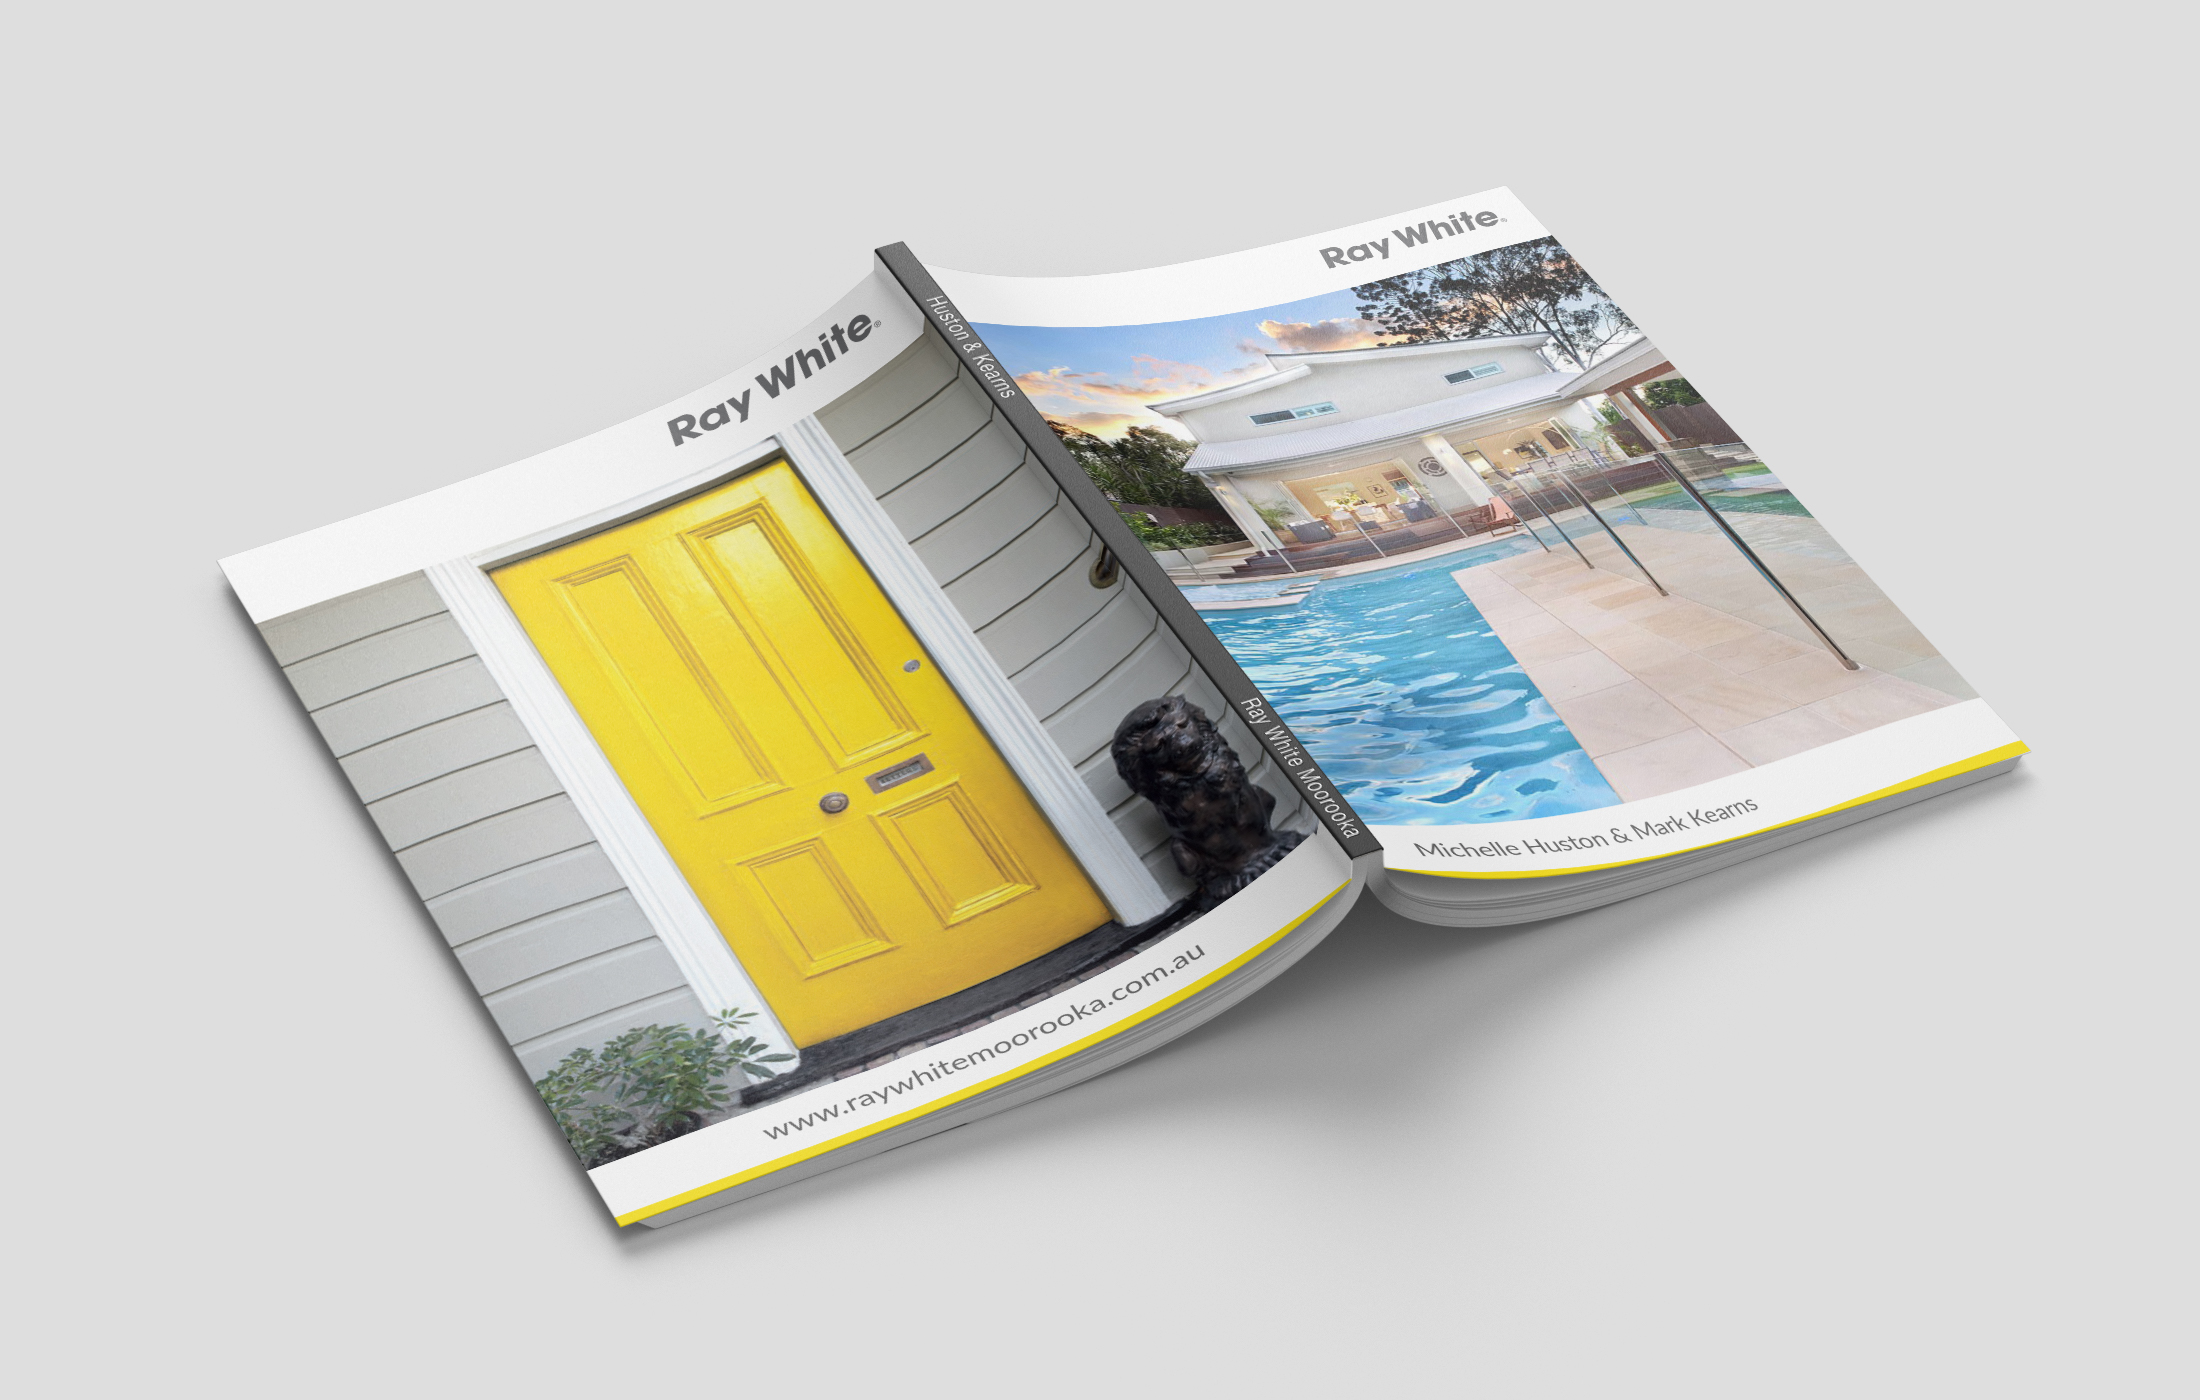 Ray White Magazine 1.jpg